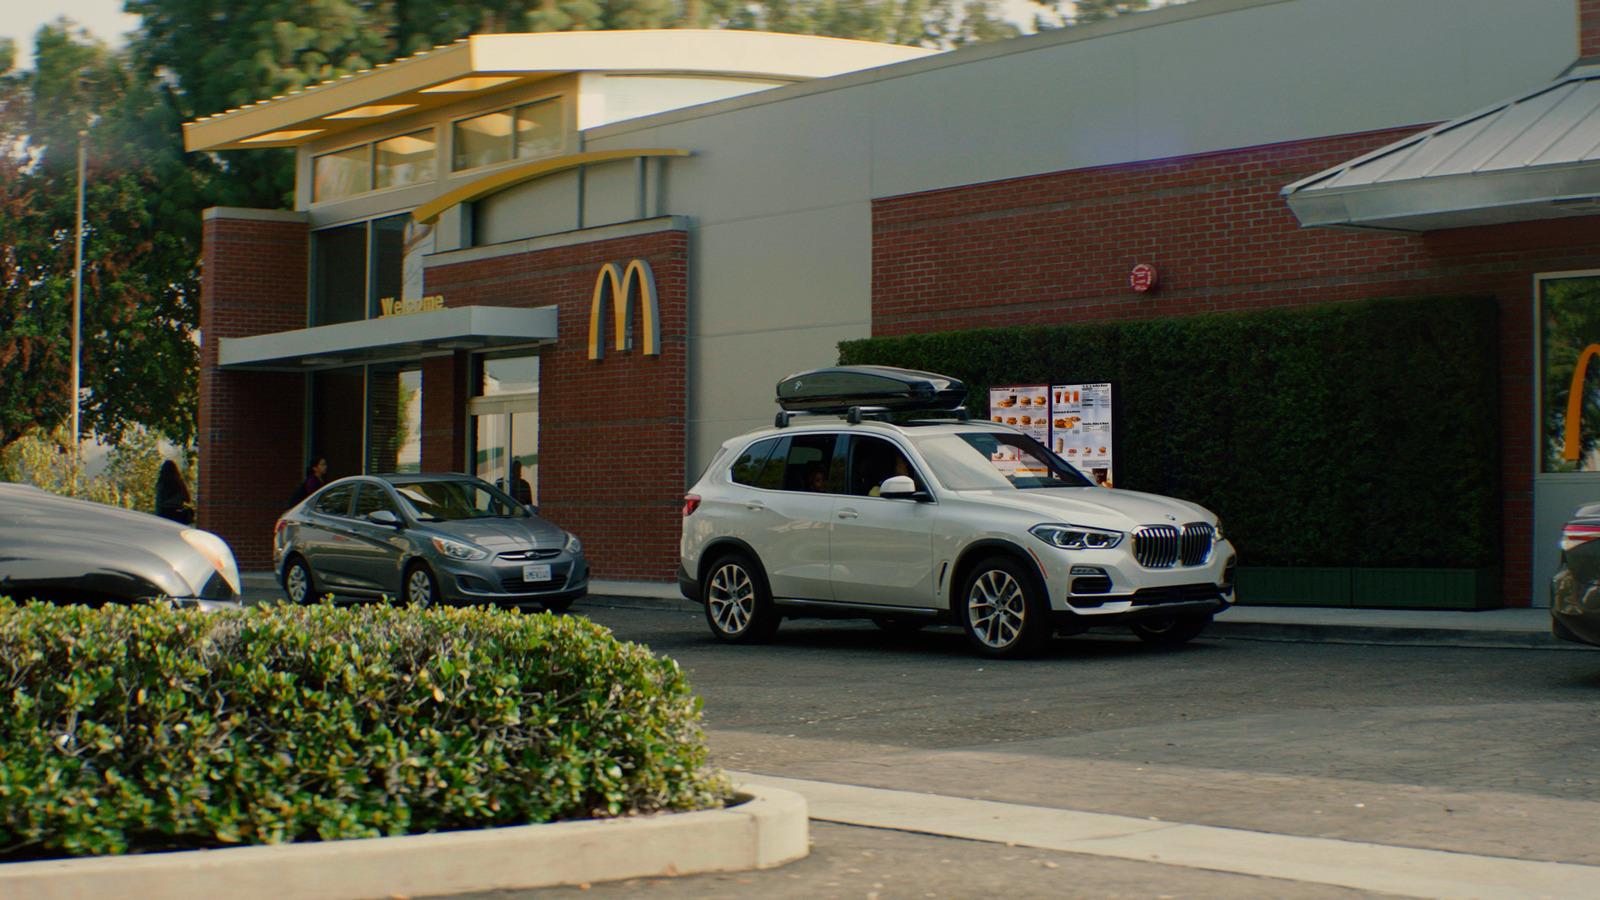 McDonalds1_AWSishow_June2021